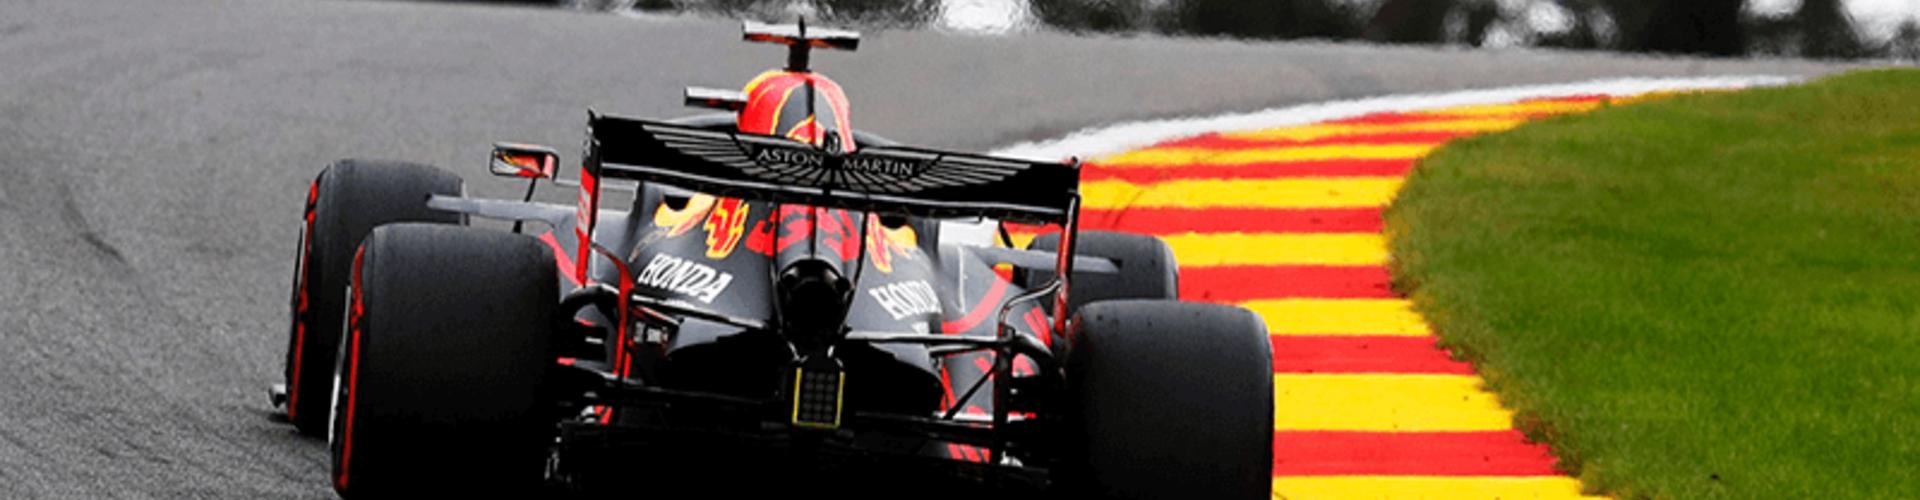 Kortste race uit de geschiedenis van Formule 1